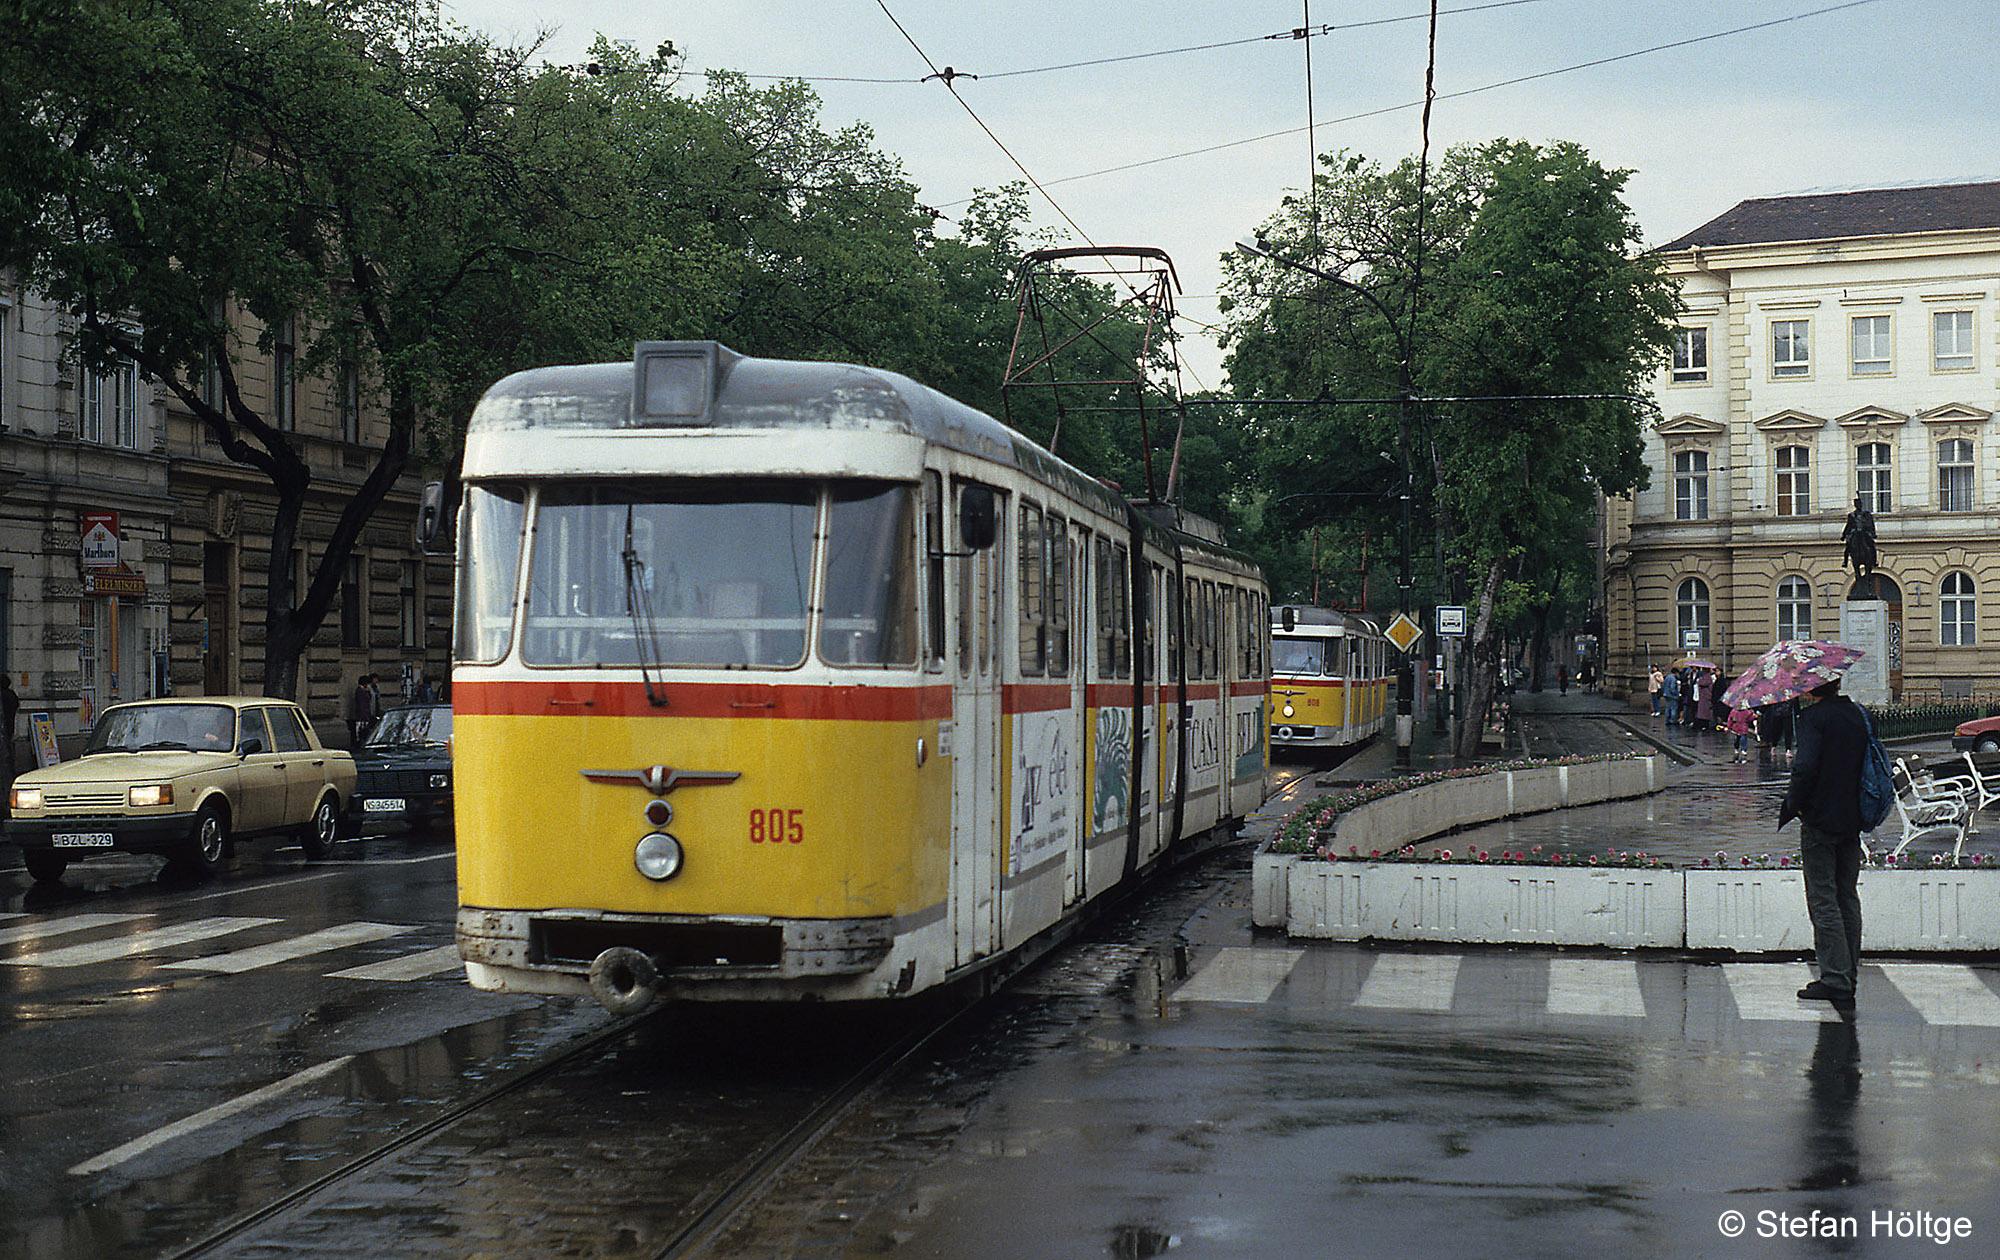 55 éve álltak forgalomba a történelem legrosszabb villamosai Szegeden